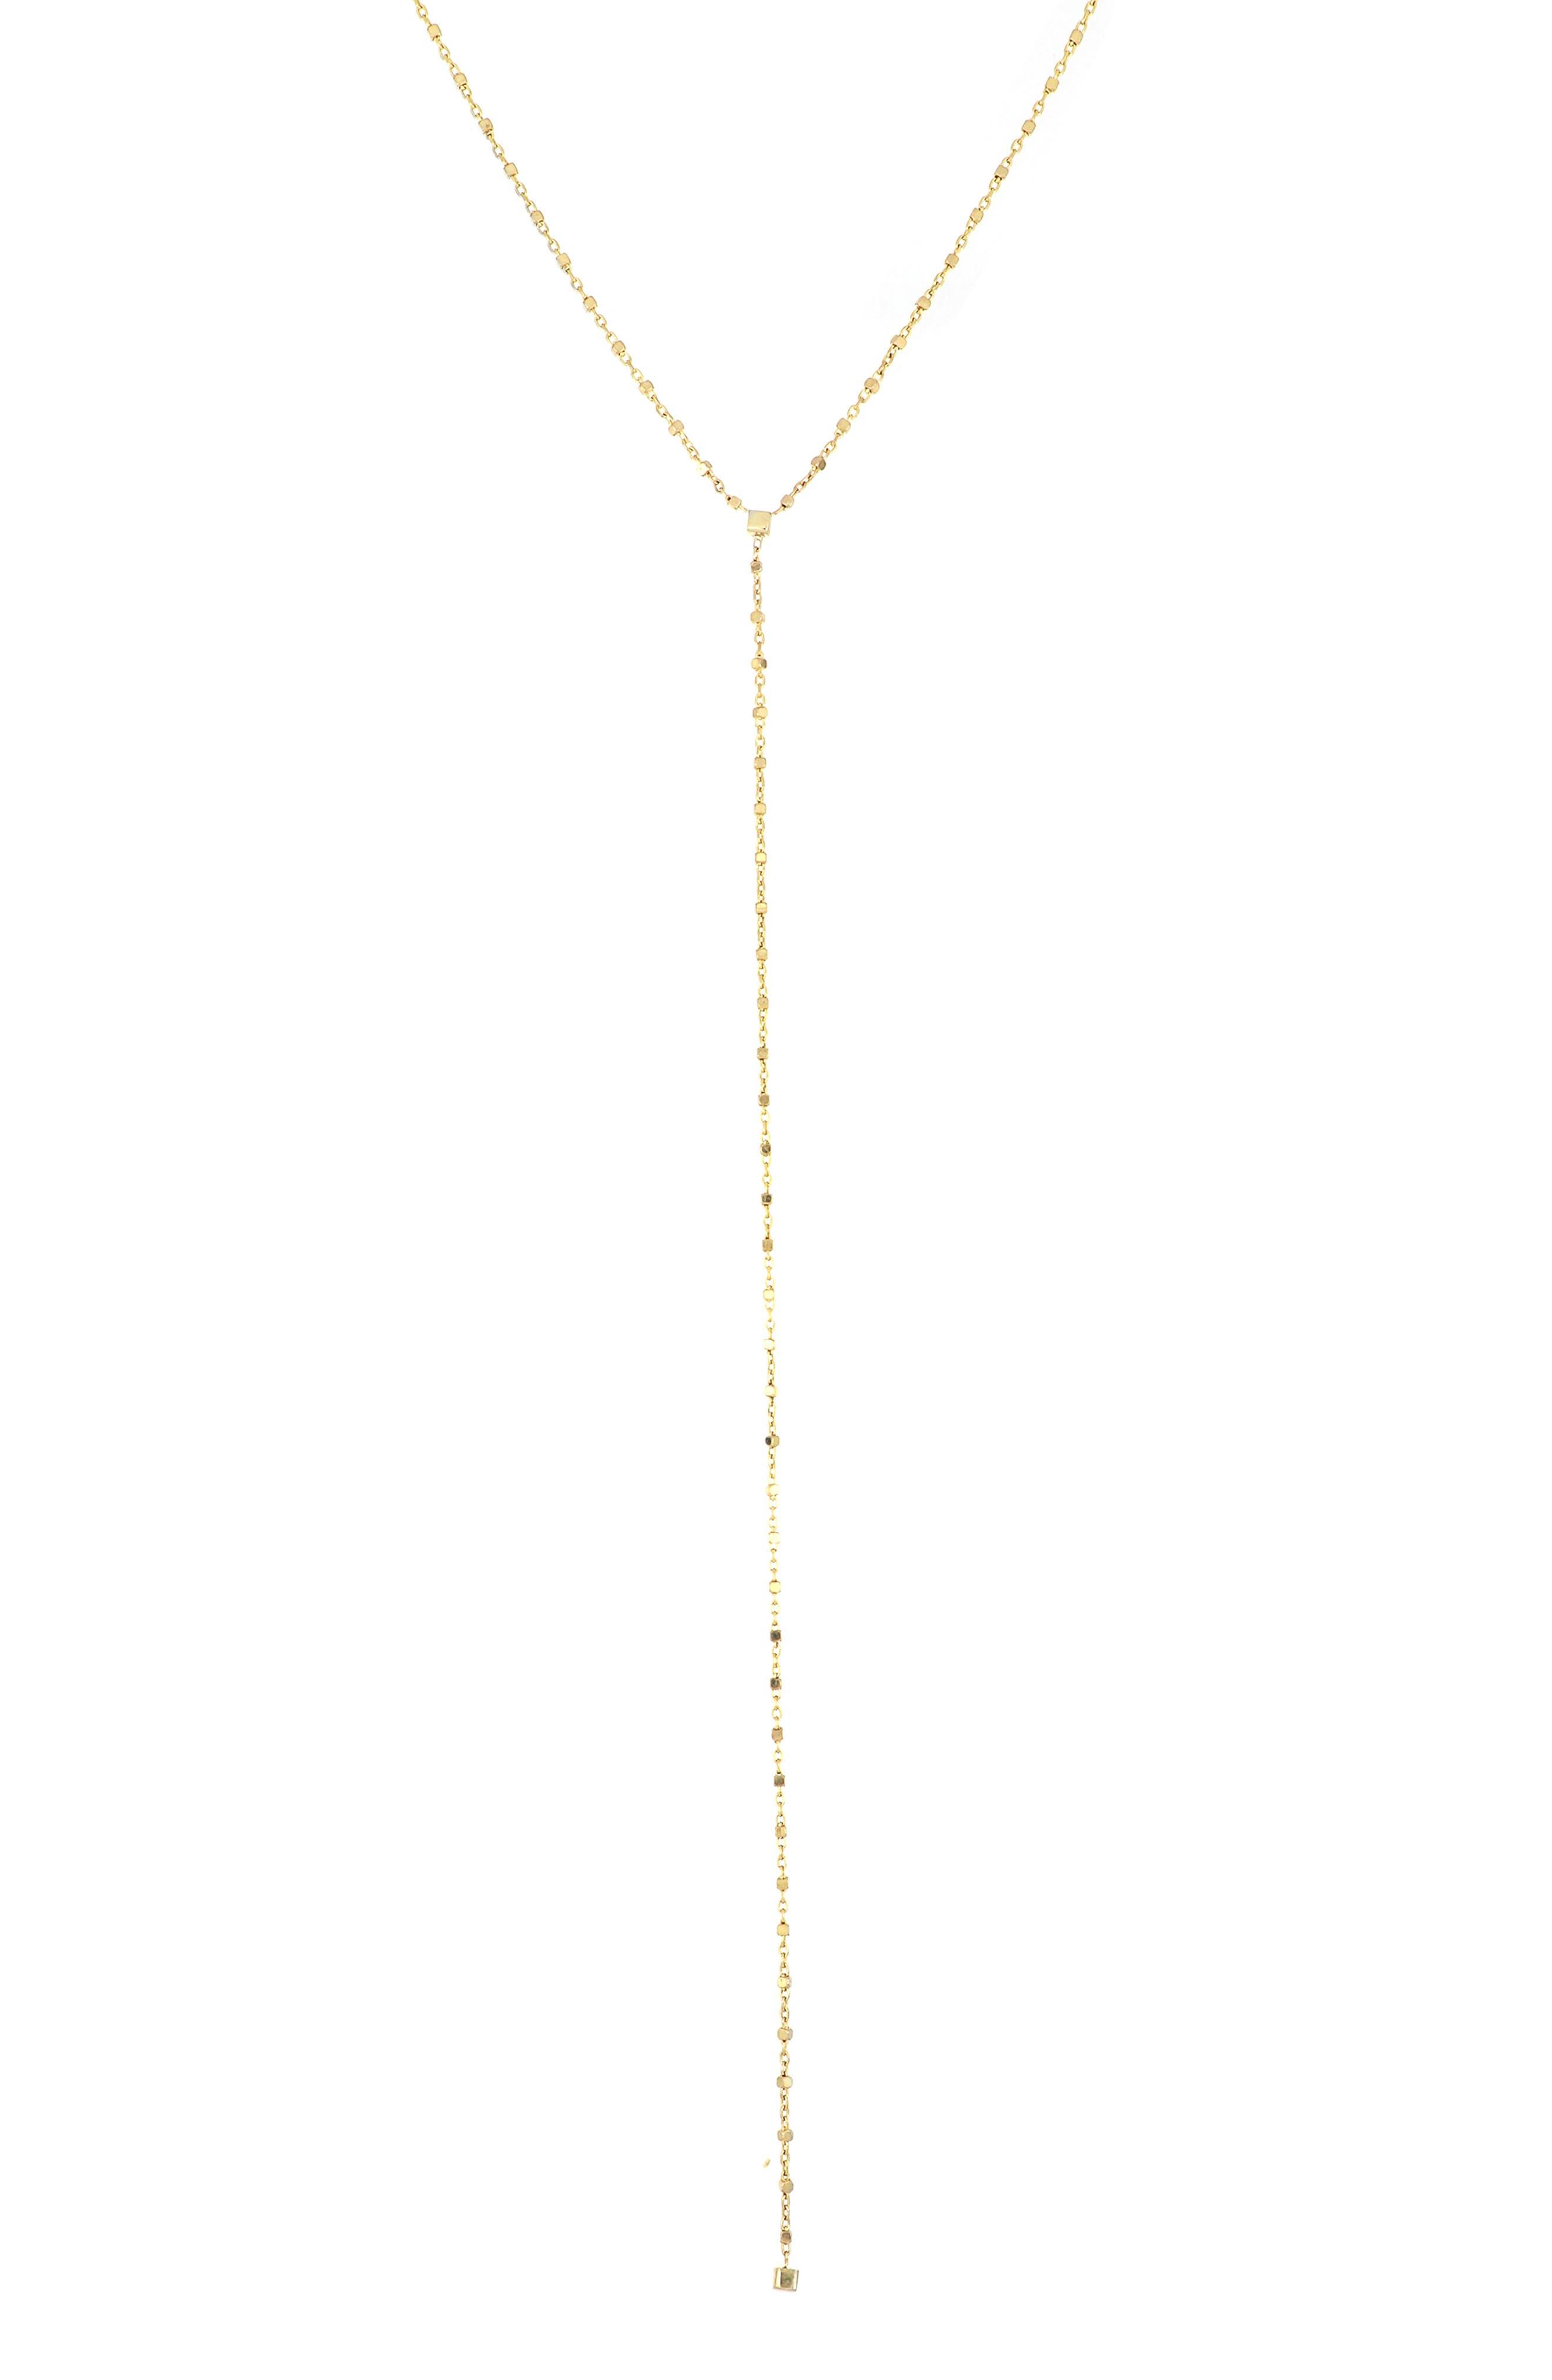 Gold Y Necklace  \u2022  Lariat Necklace  \u2022  Gold Drop necklace  \u2022  Delicate necklace \u2022  Dainty Necklace  \u2022  Simple Necklace   \u2022